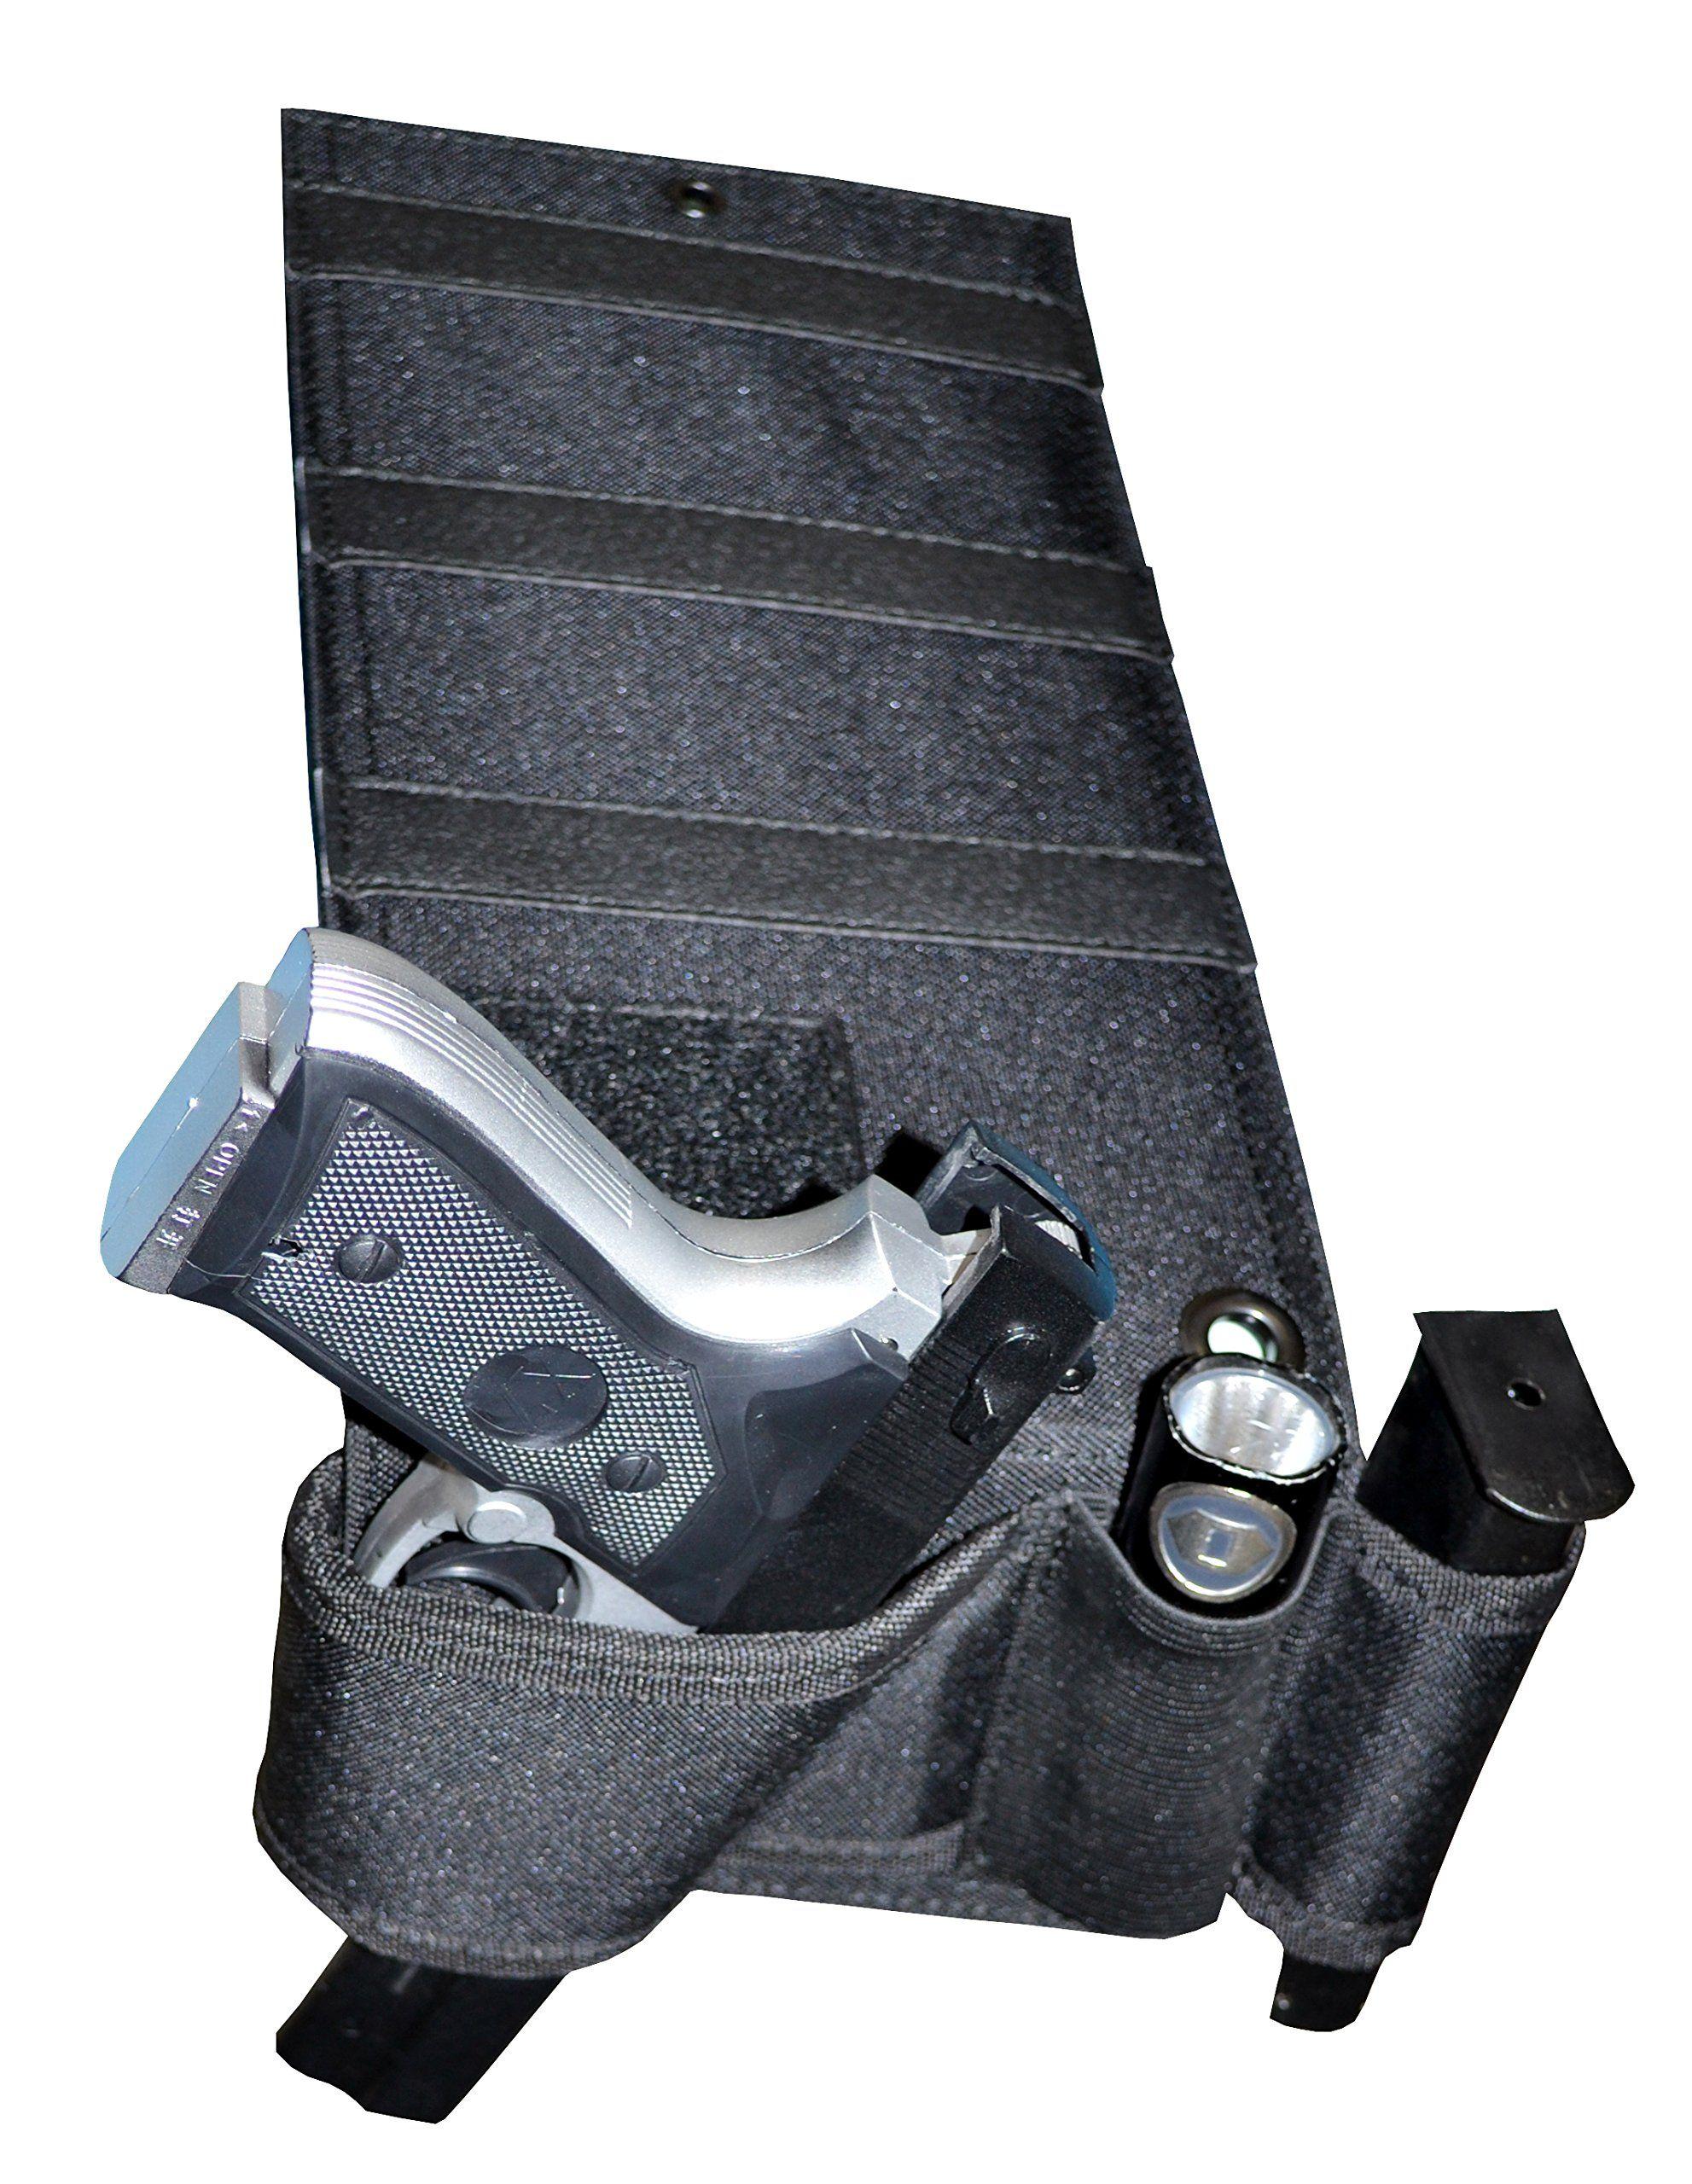 Under Mattress Bed Handgun Holster with Tactical